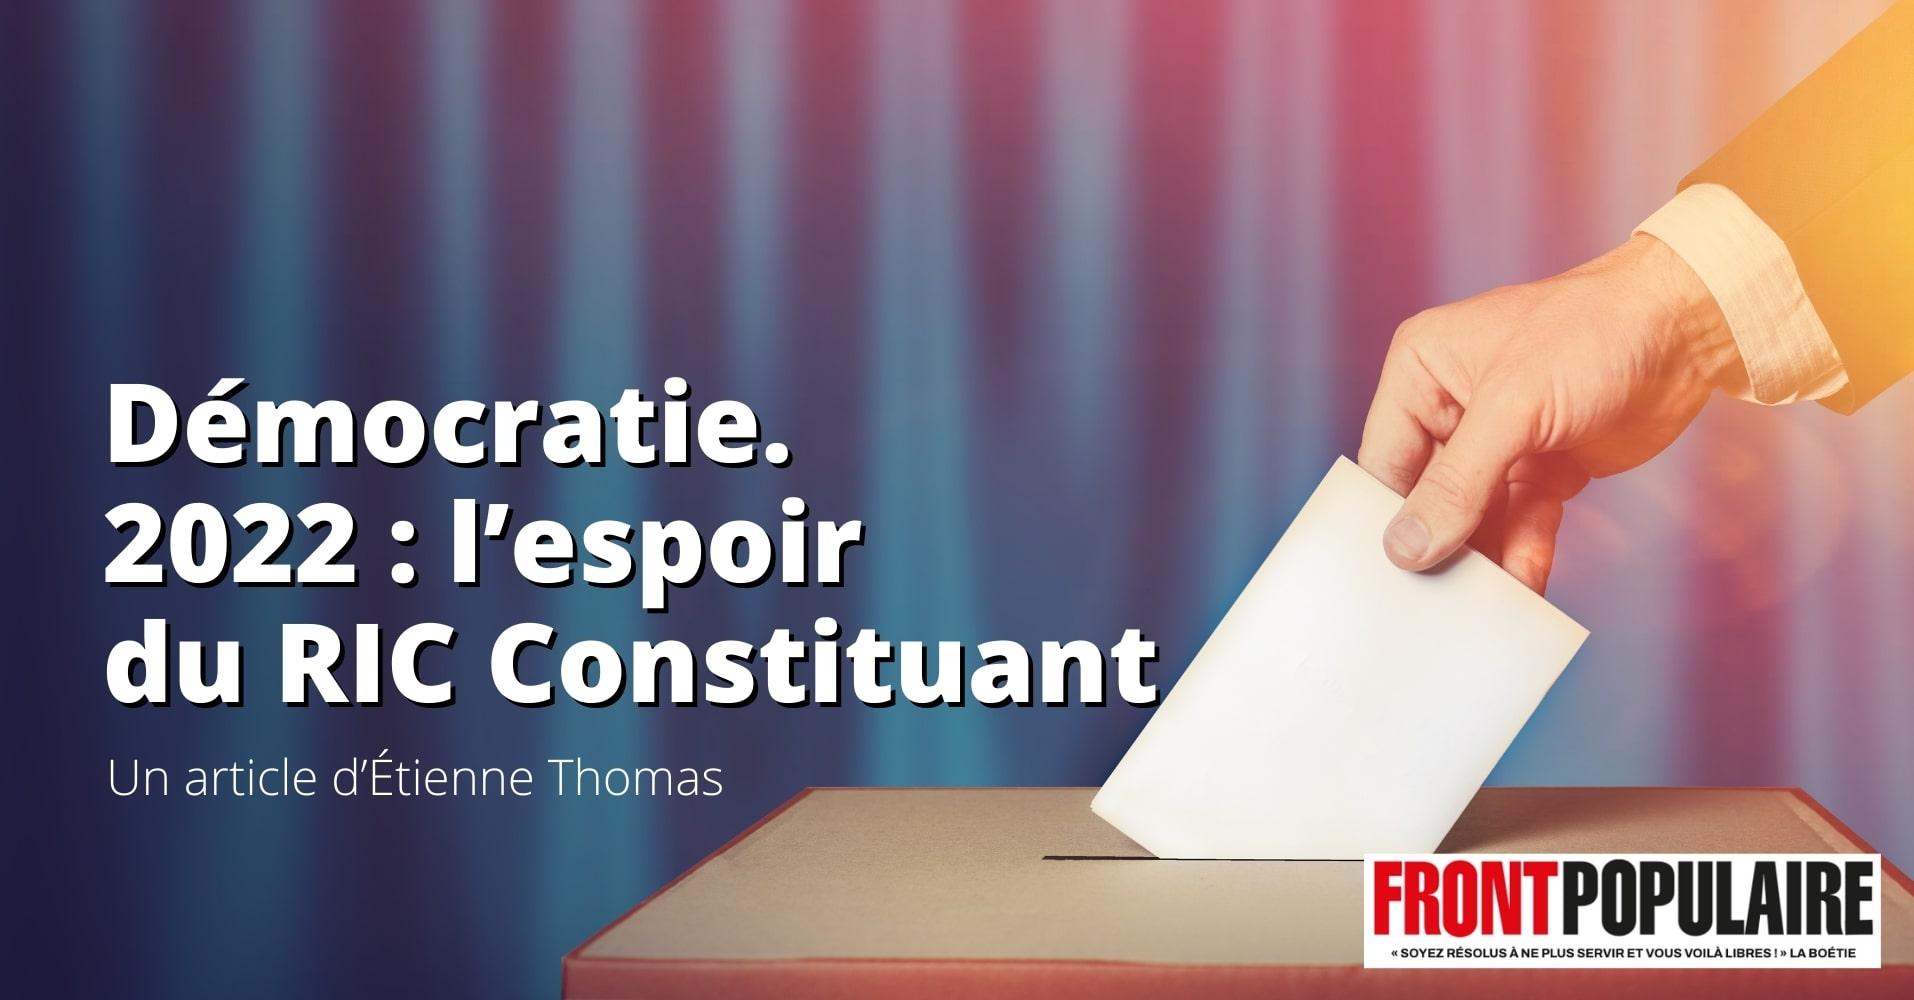 2022 : l'espoir du référendum d'initiative citoyenne constituant